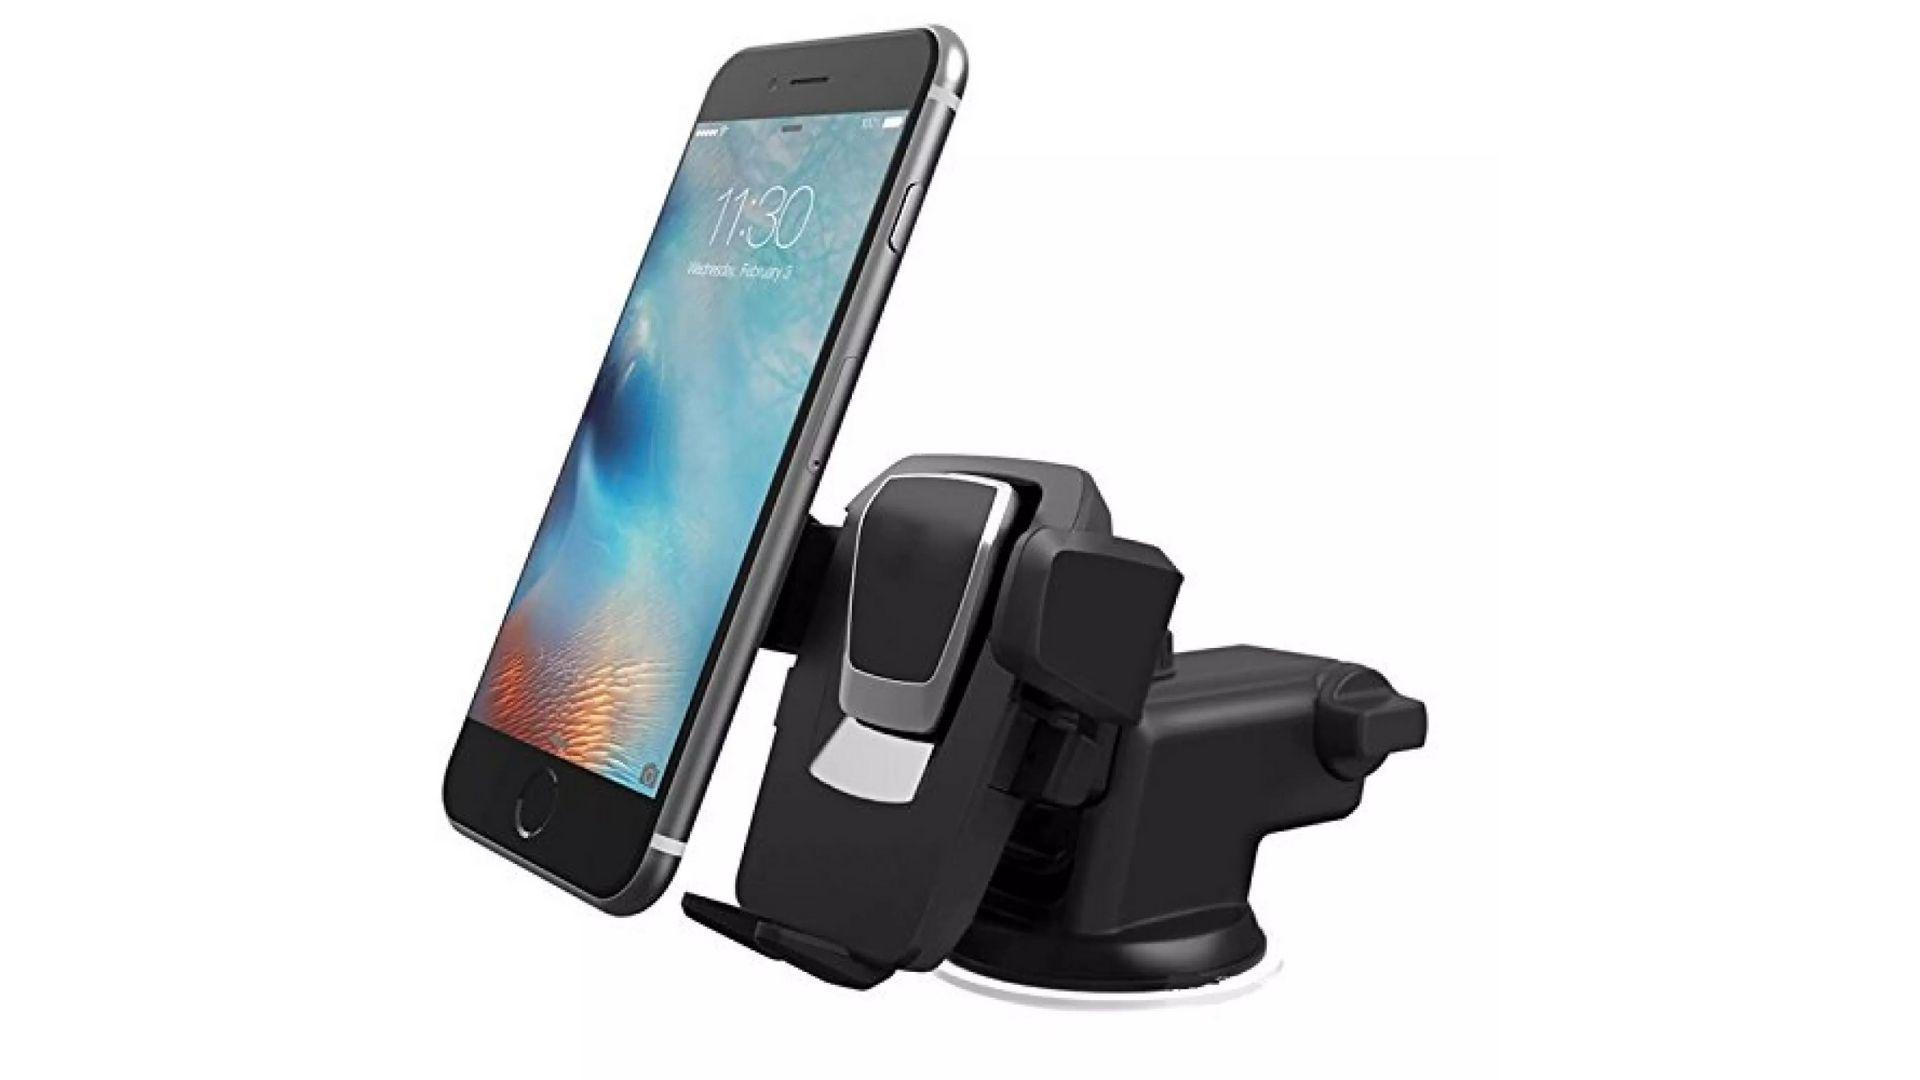 Suporte de celular para carro é ideal para acompanhar o caminho no GPS (Foto: Divulgação)